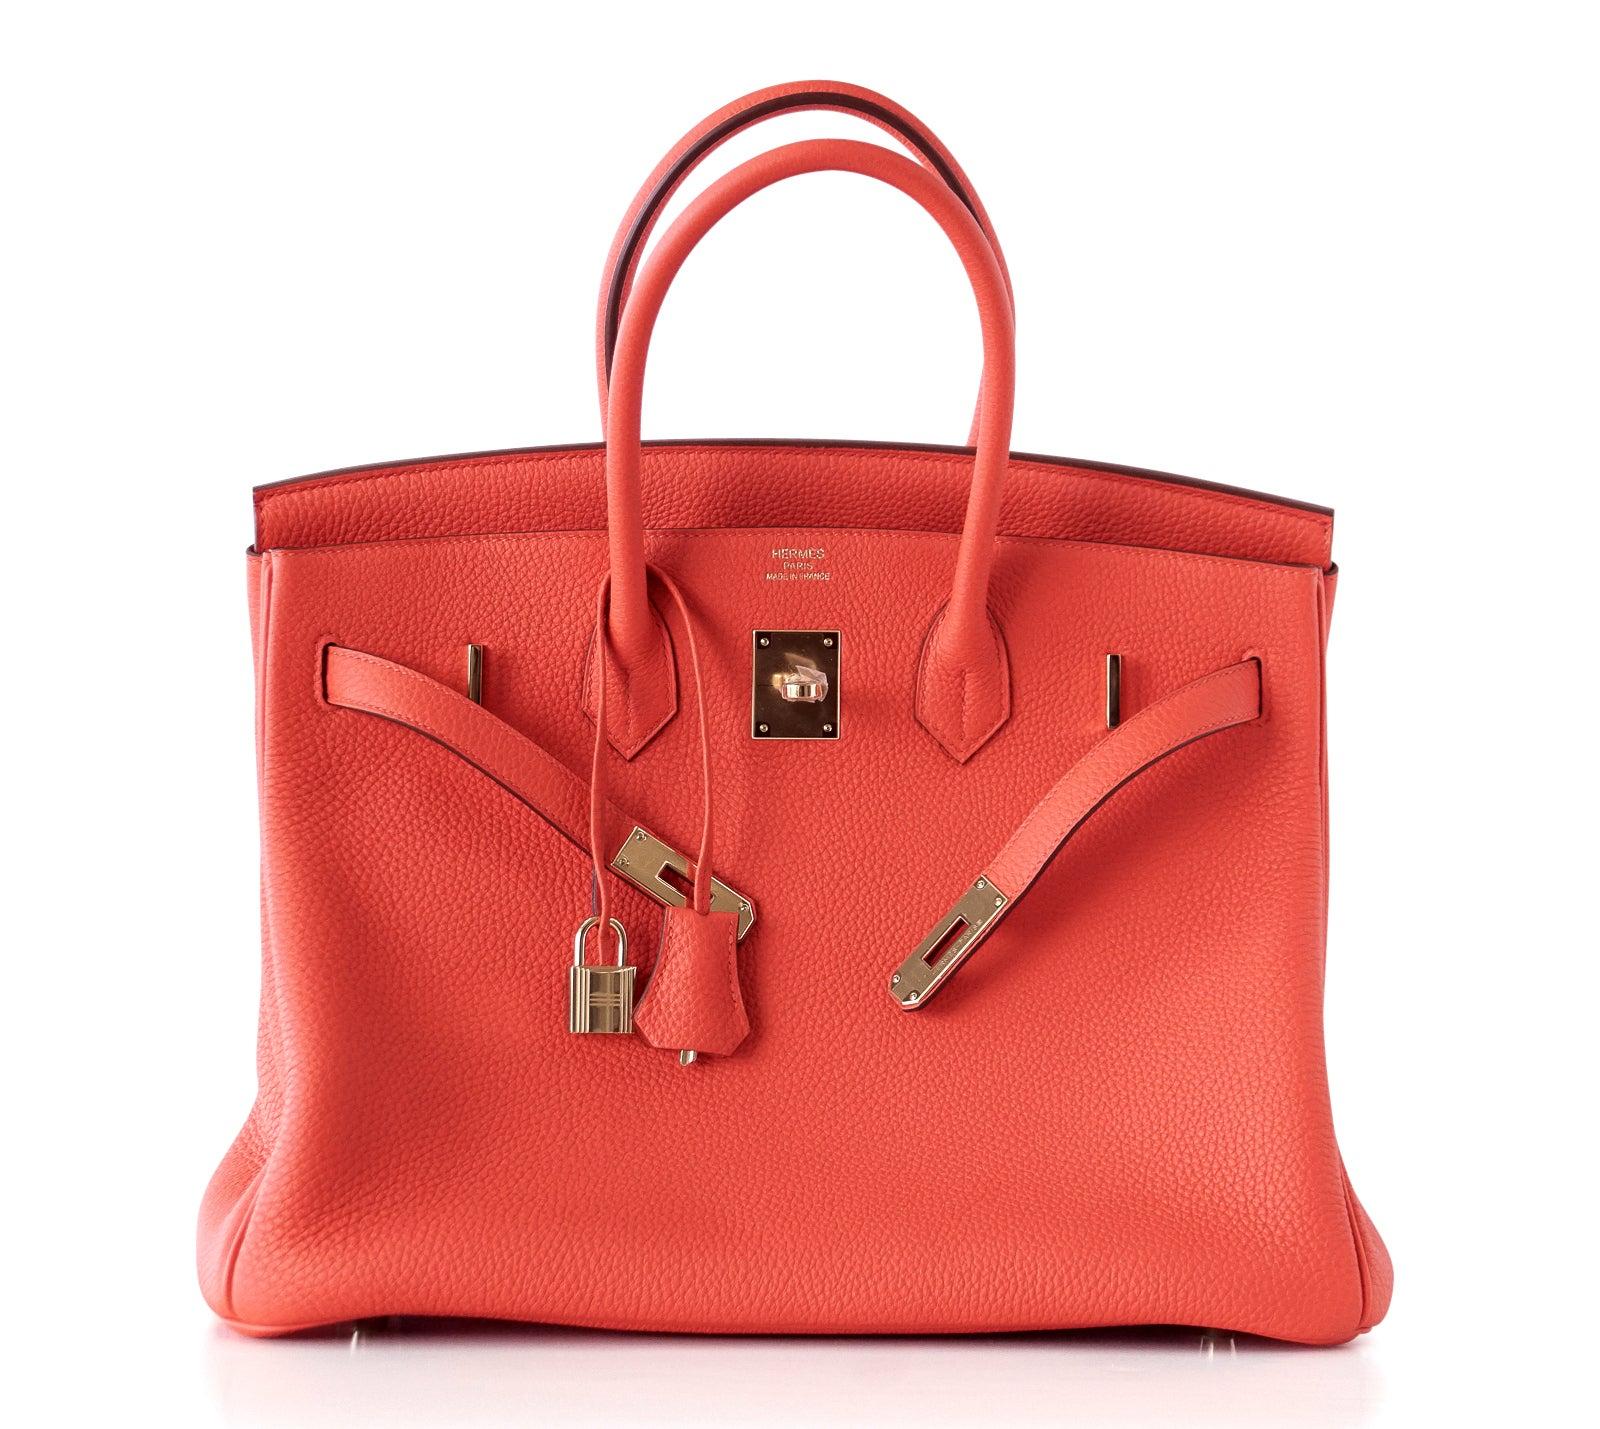 Hermes Vivid Capucine Red Togo Gold Hardware Birkin 35 Bag For Sale at  1stdibs 704337f85b65d